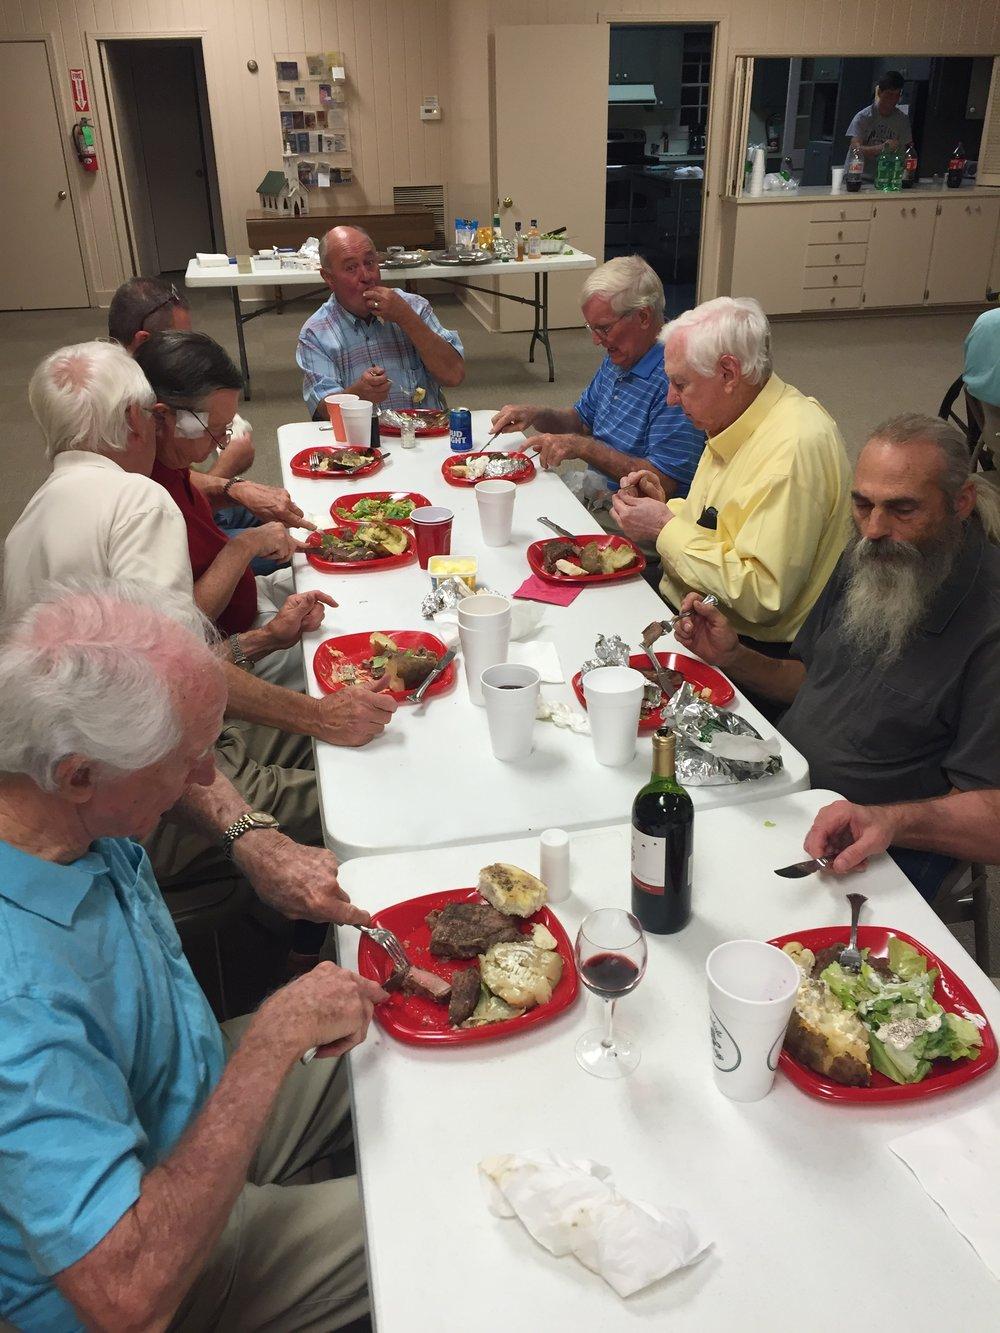 Church Men Enjoying Fellowship During Steak Supper Gathering